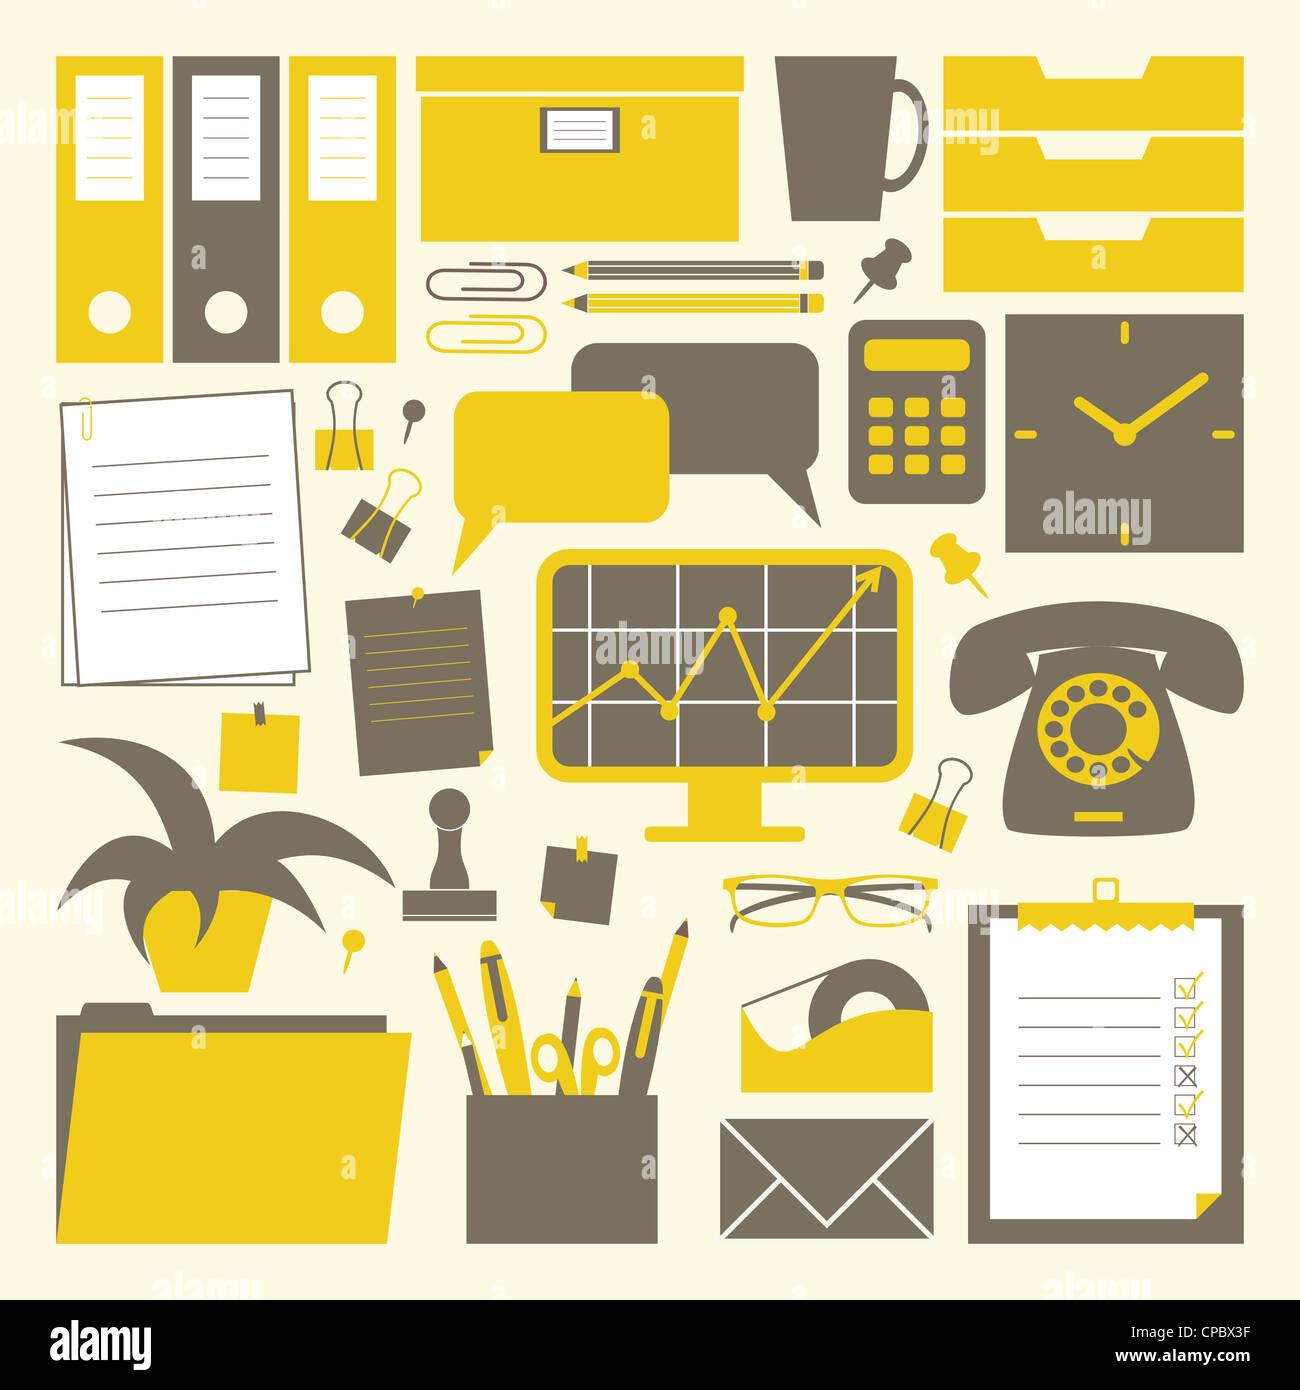 Una colección de objetos relacionados con la oficina en amarillo, gris oscuro y blanco. Imagen De Stock